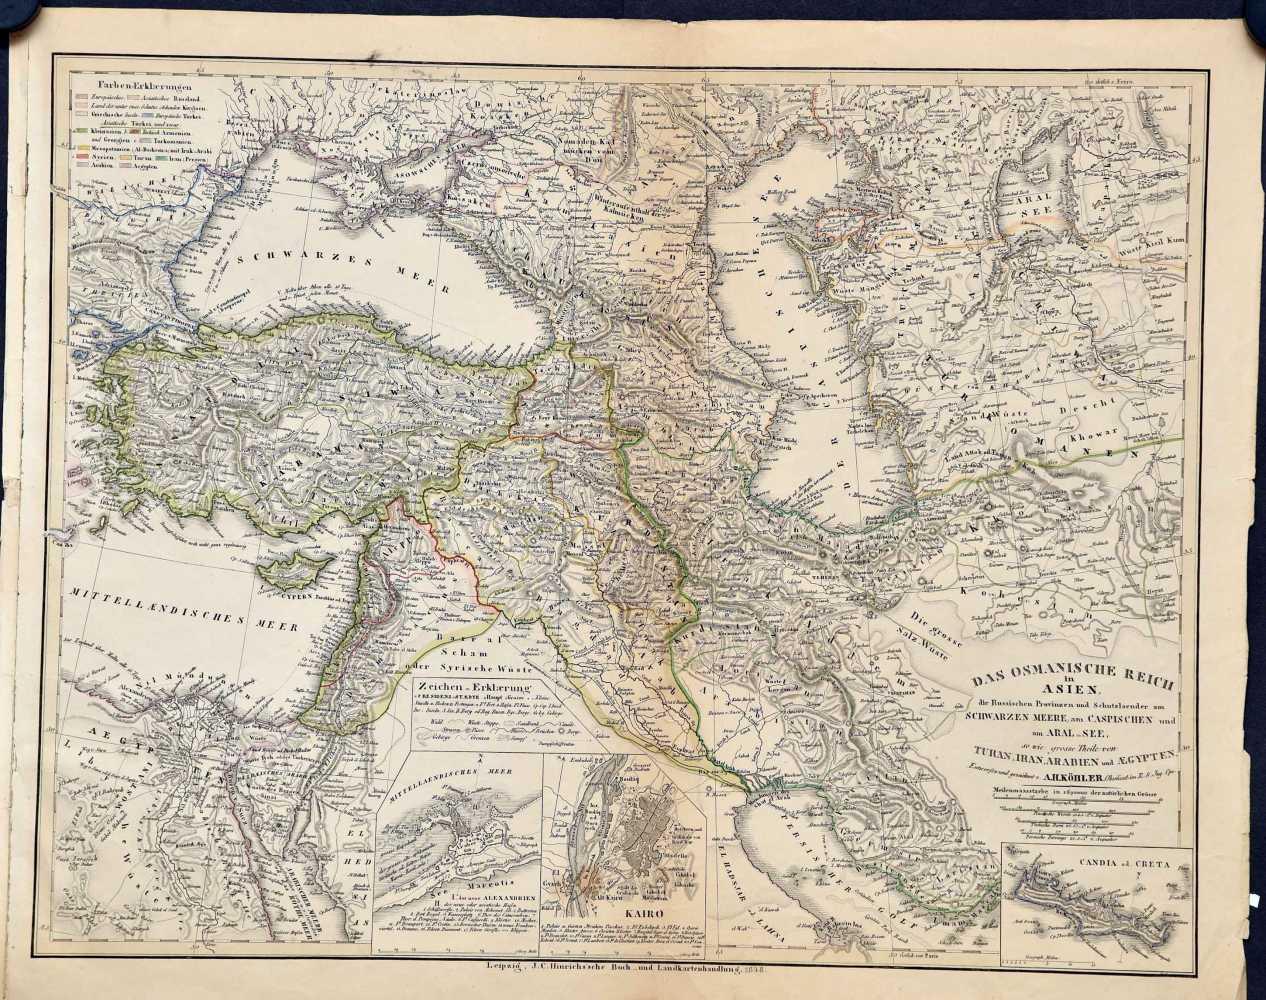 Köhler, A.H. Das Osmanische Reich in Asien